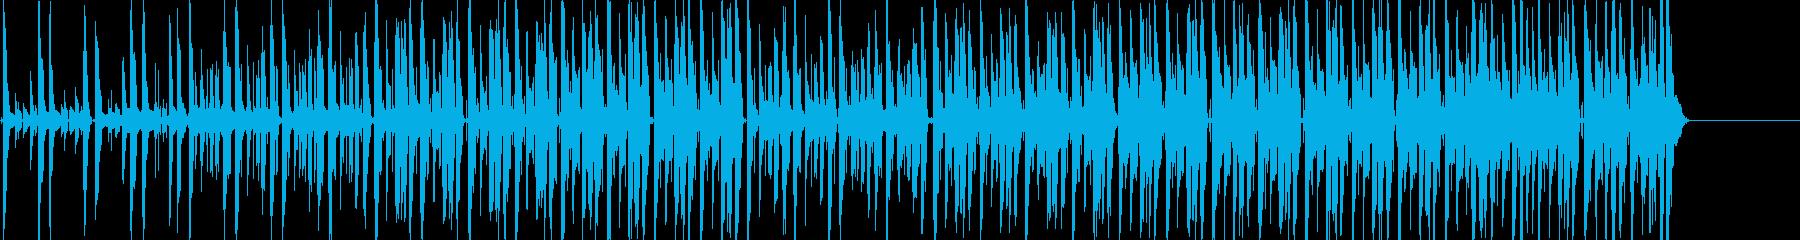 ノリのいいファンキーなギターの曲の再生済みの波形